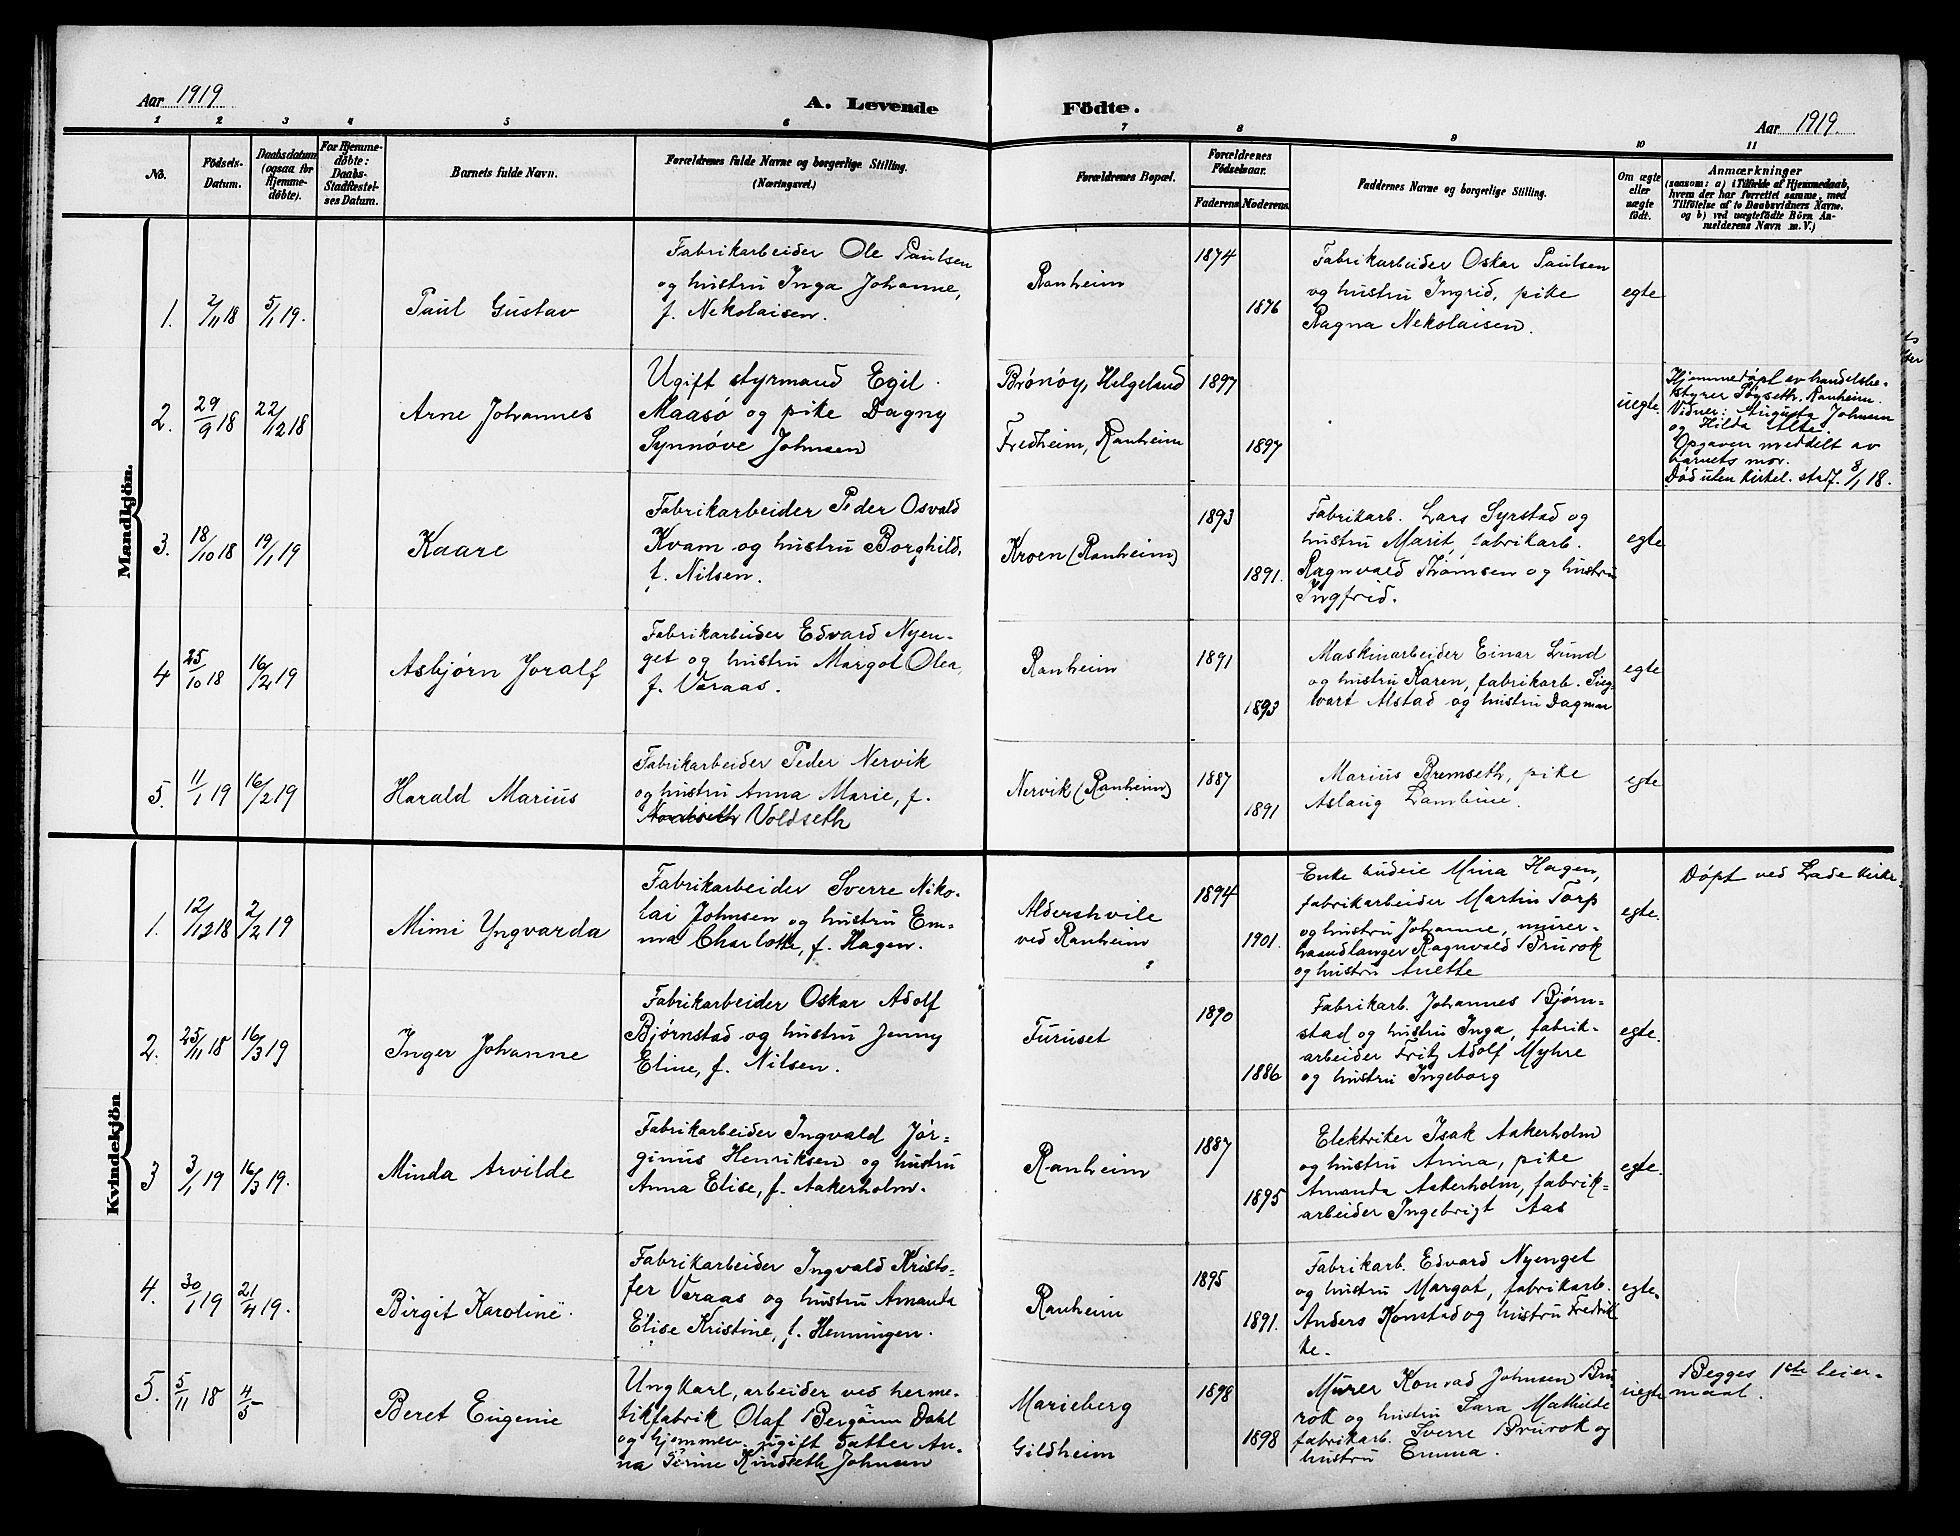 SAT, Ministerialprotokoller, klokkerbøker og fødselsregistre - Sør-Trøndelag, 615/L0400: Klokkerbok nr. 615C01, 1905-1921